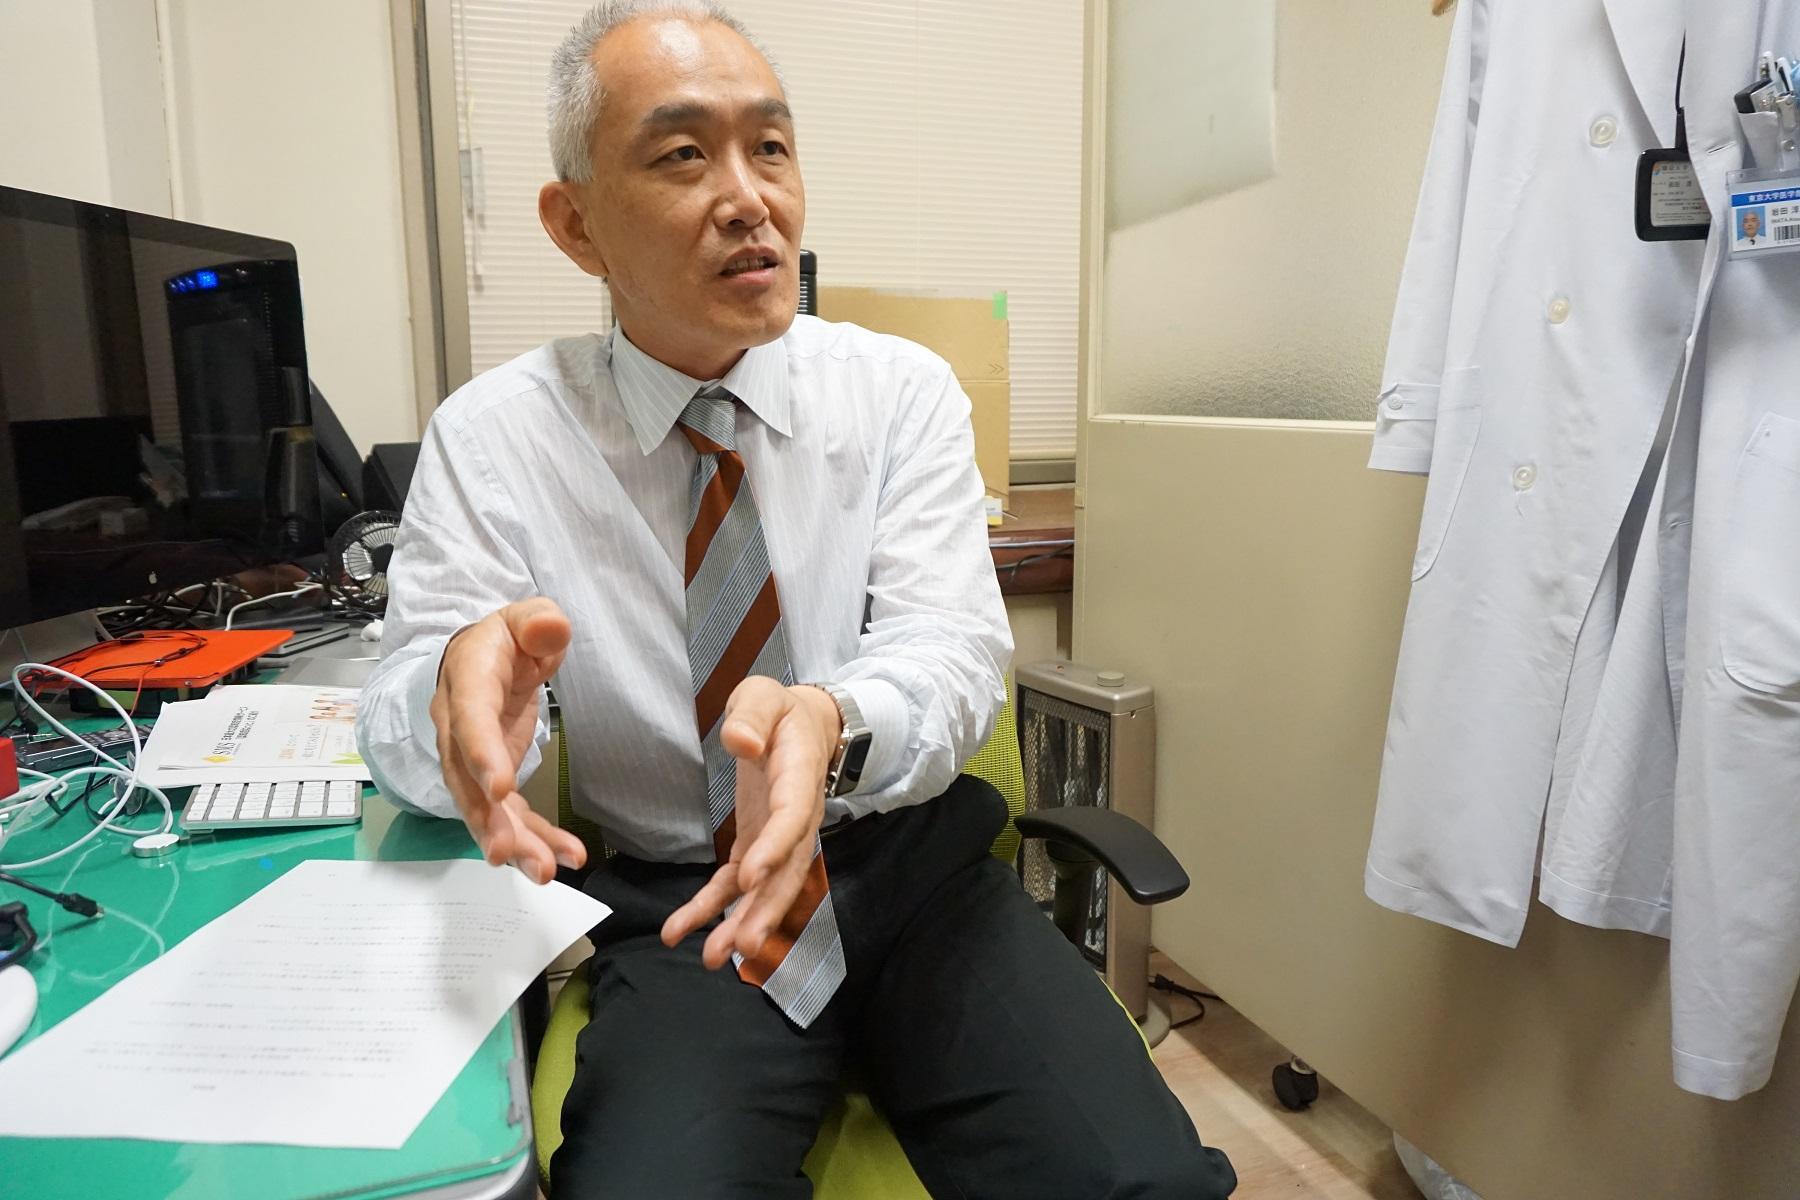 アイキャッチ:第7回 認知症検査と治療薬開発の現状